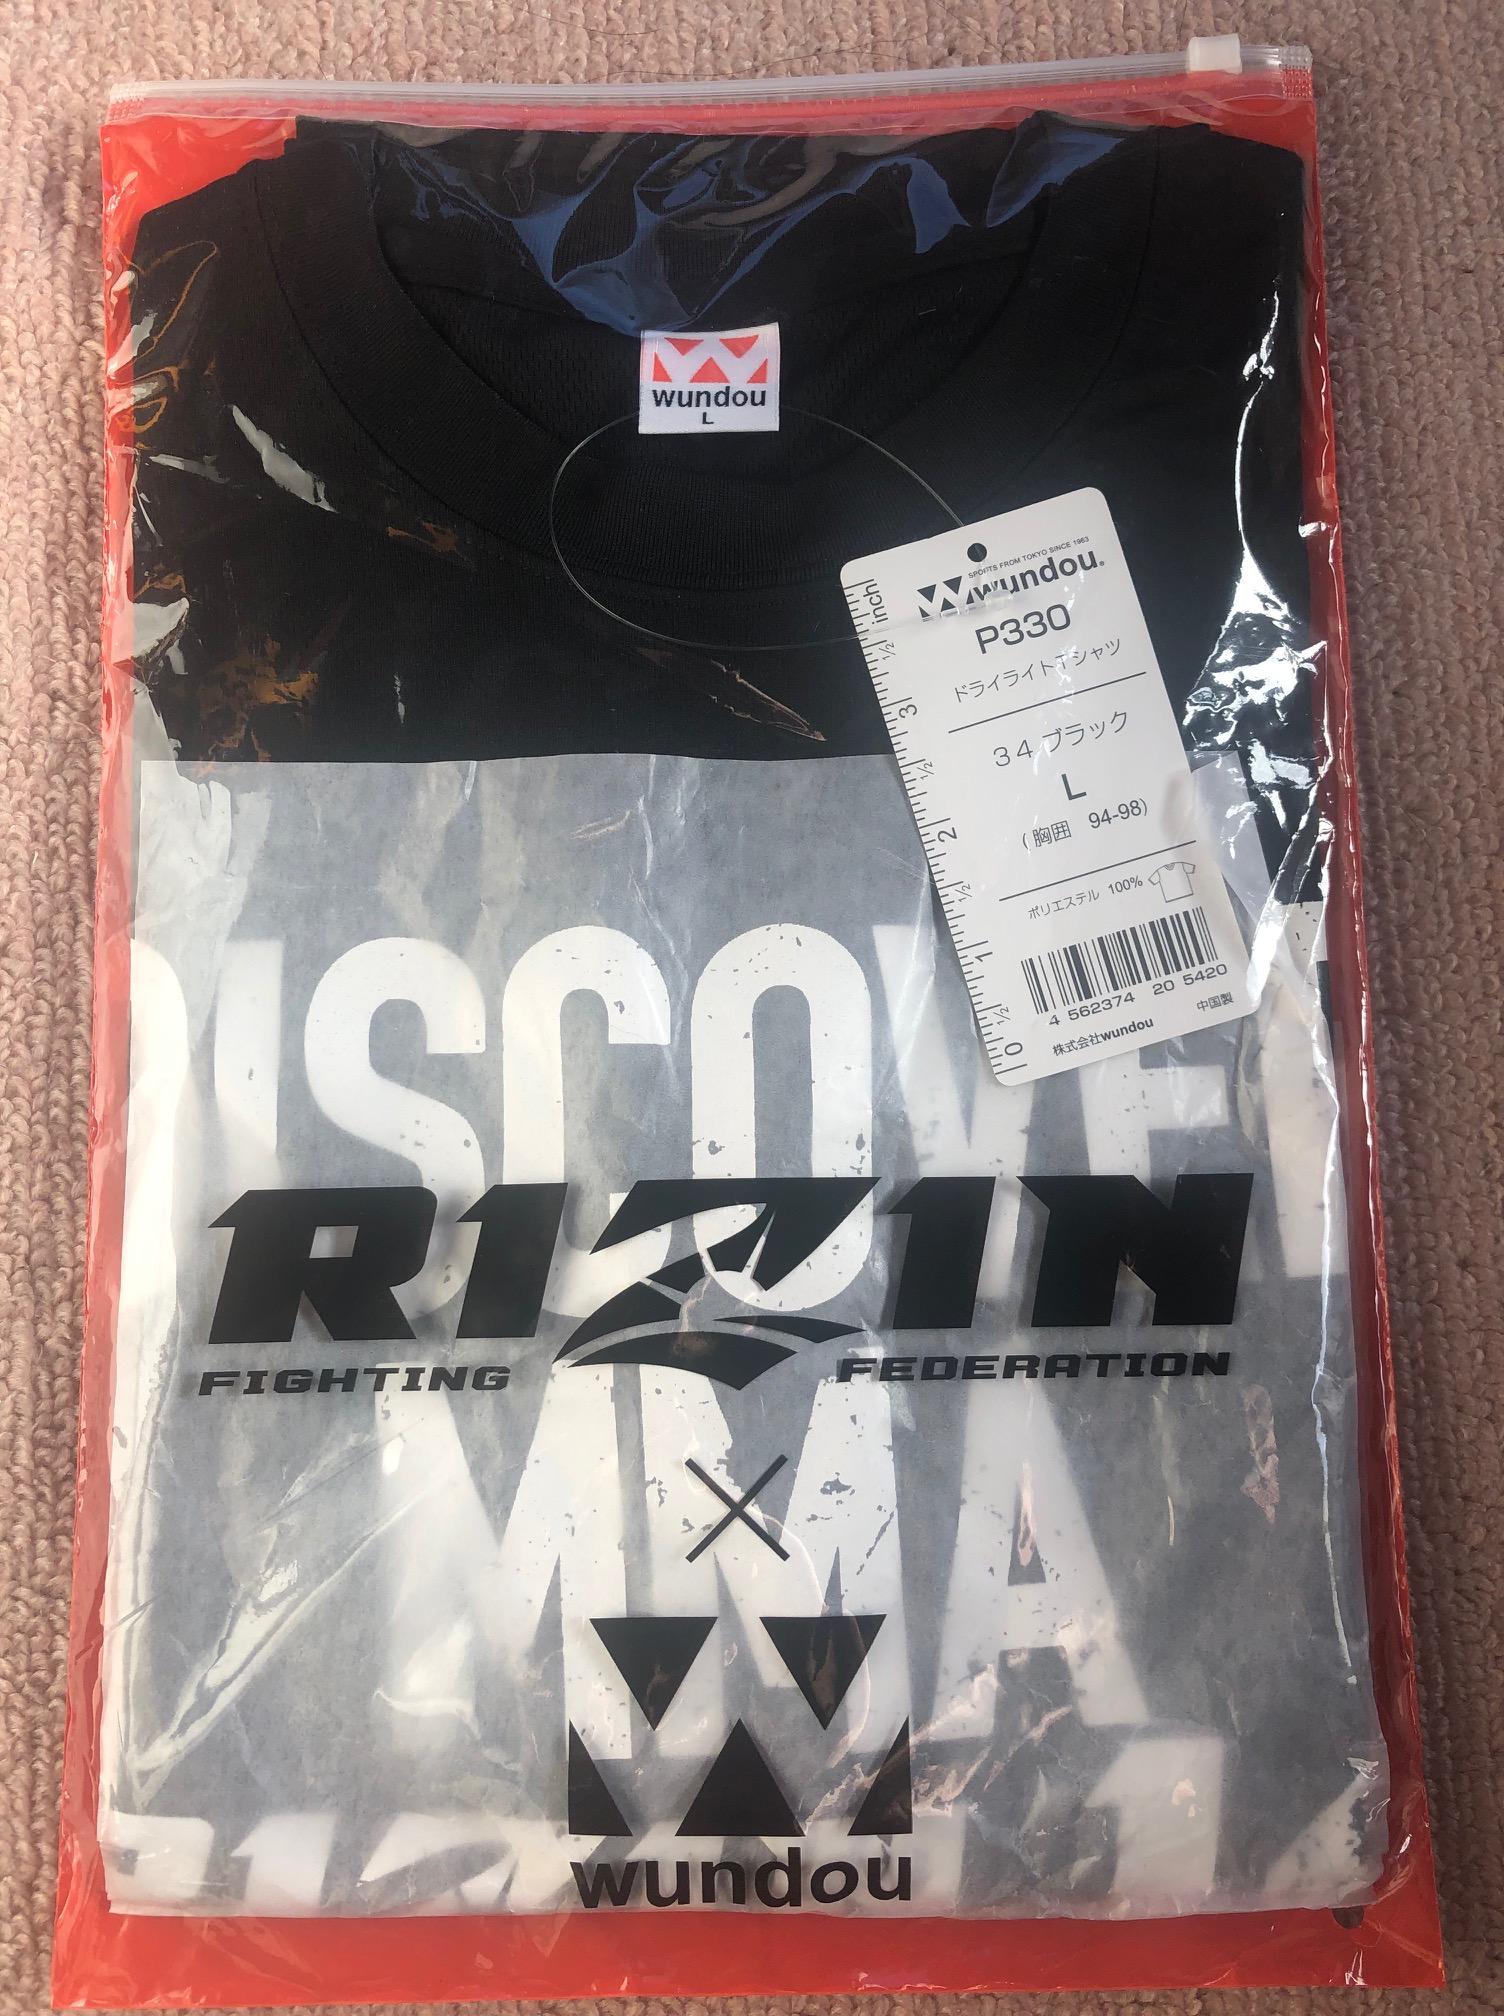 ライジンの会場入口でもらった大会記念Tシャツと紙袋の中身を公開!